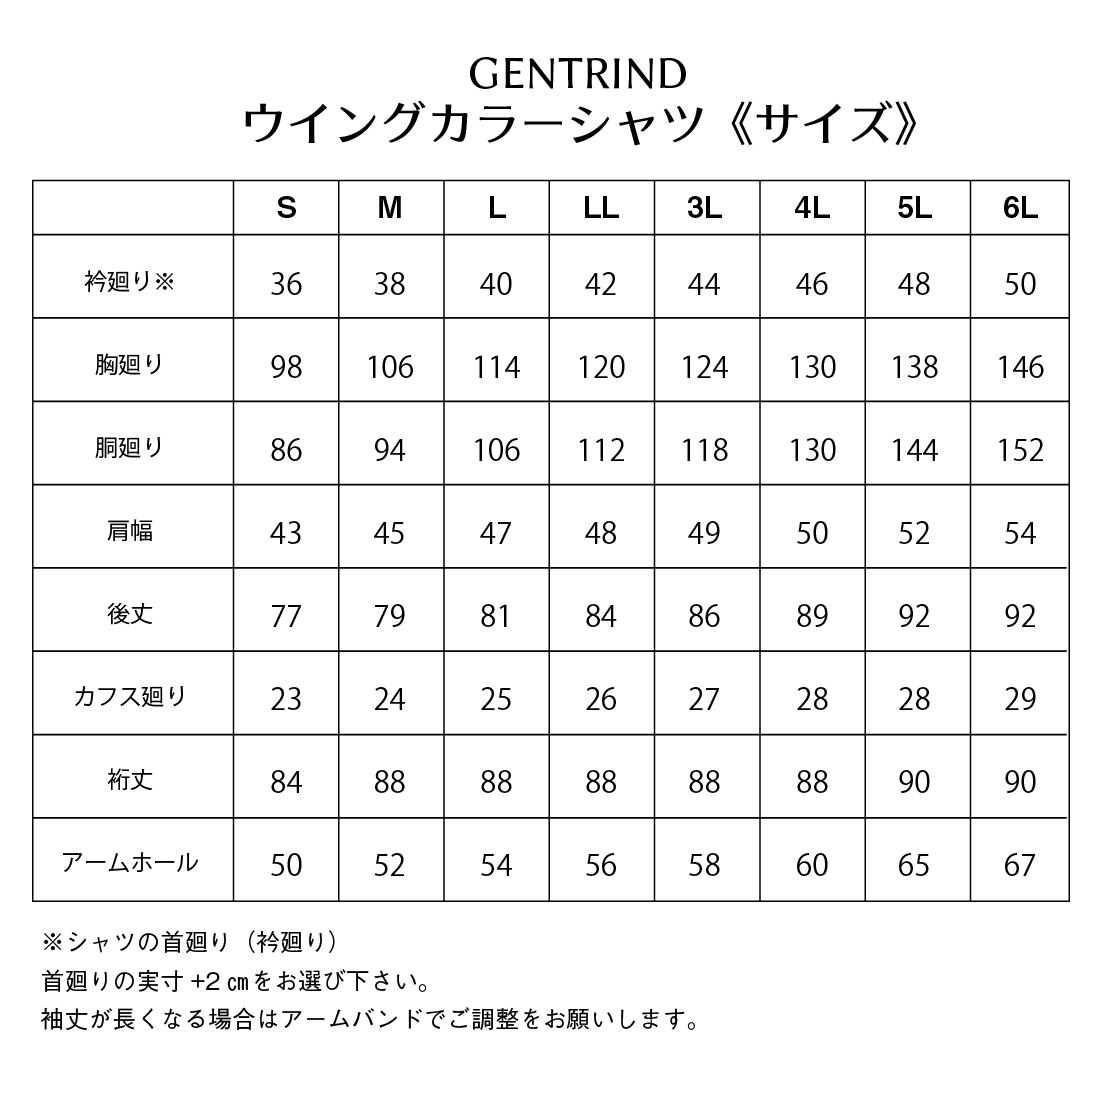 選べる 新郎 タキシードセット サスペンダー チーフ カフス 手袋 に必要な物だけプラス 【Q】